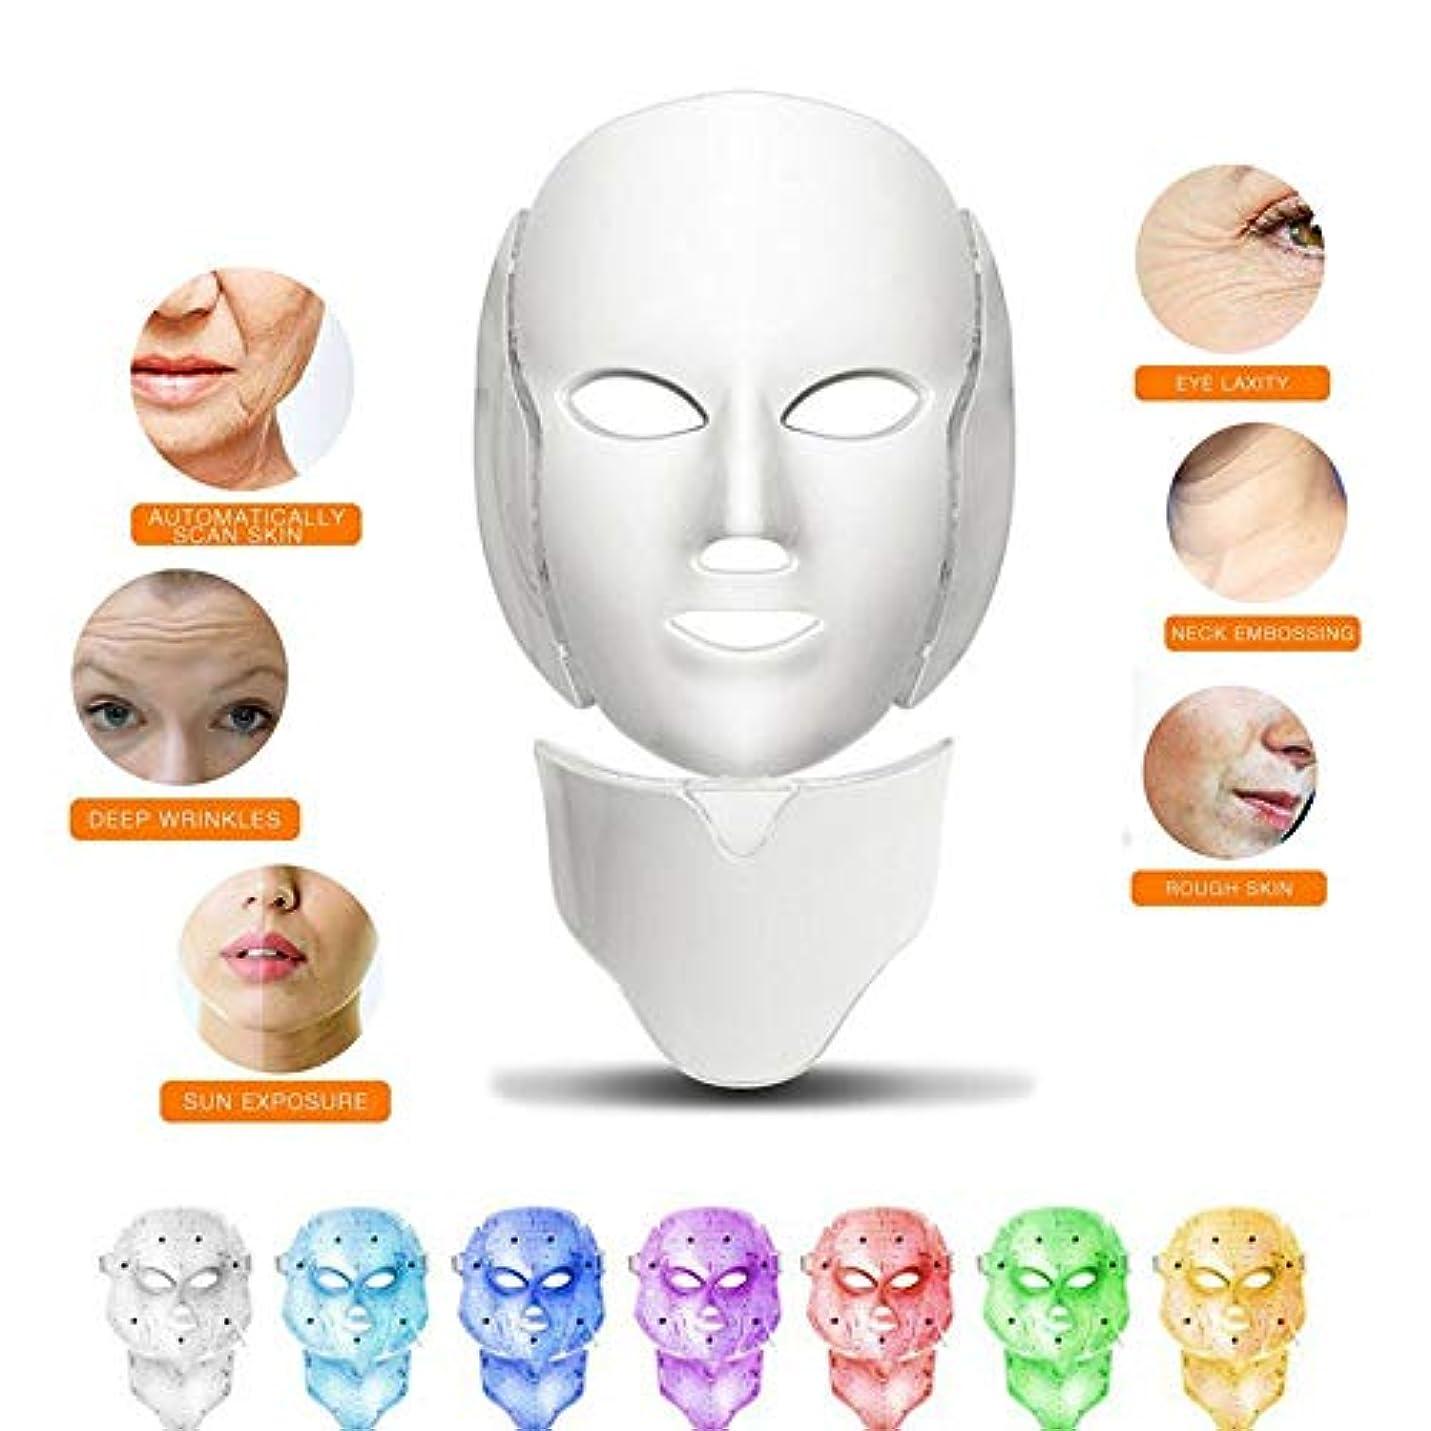 マウス後方露出度の高い赤色光光子療法機7色ledフェイスマスク+首、肌の若返りしわにきび除去フェイシャルスパ美容機器、ホワイト